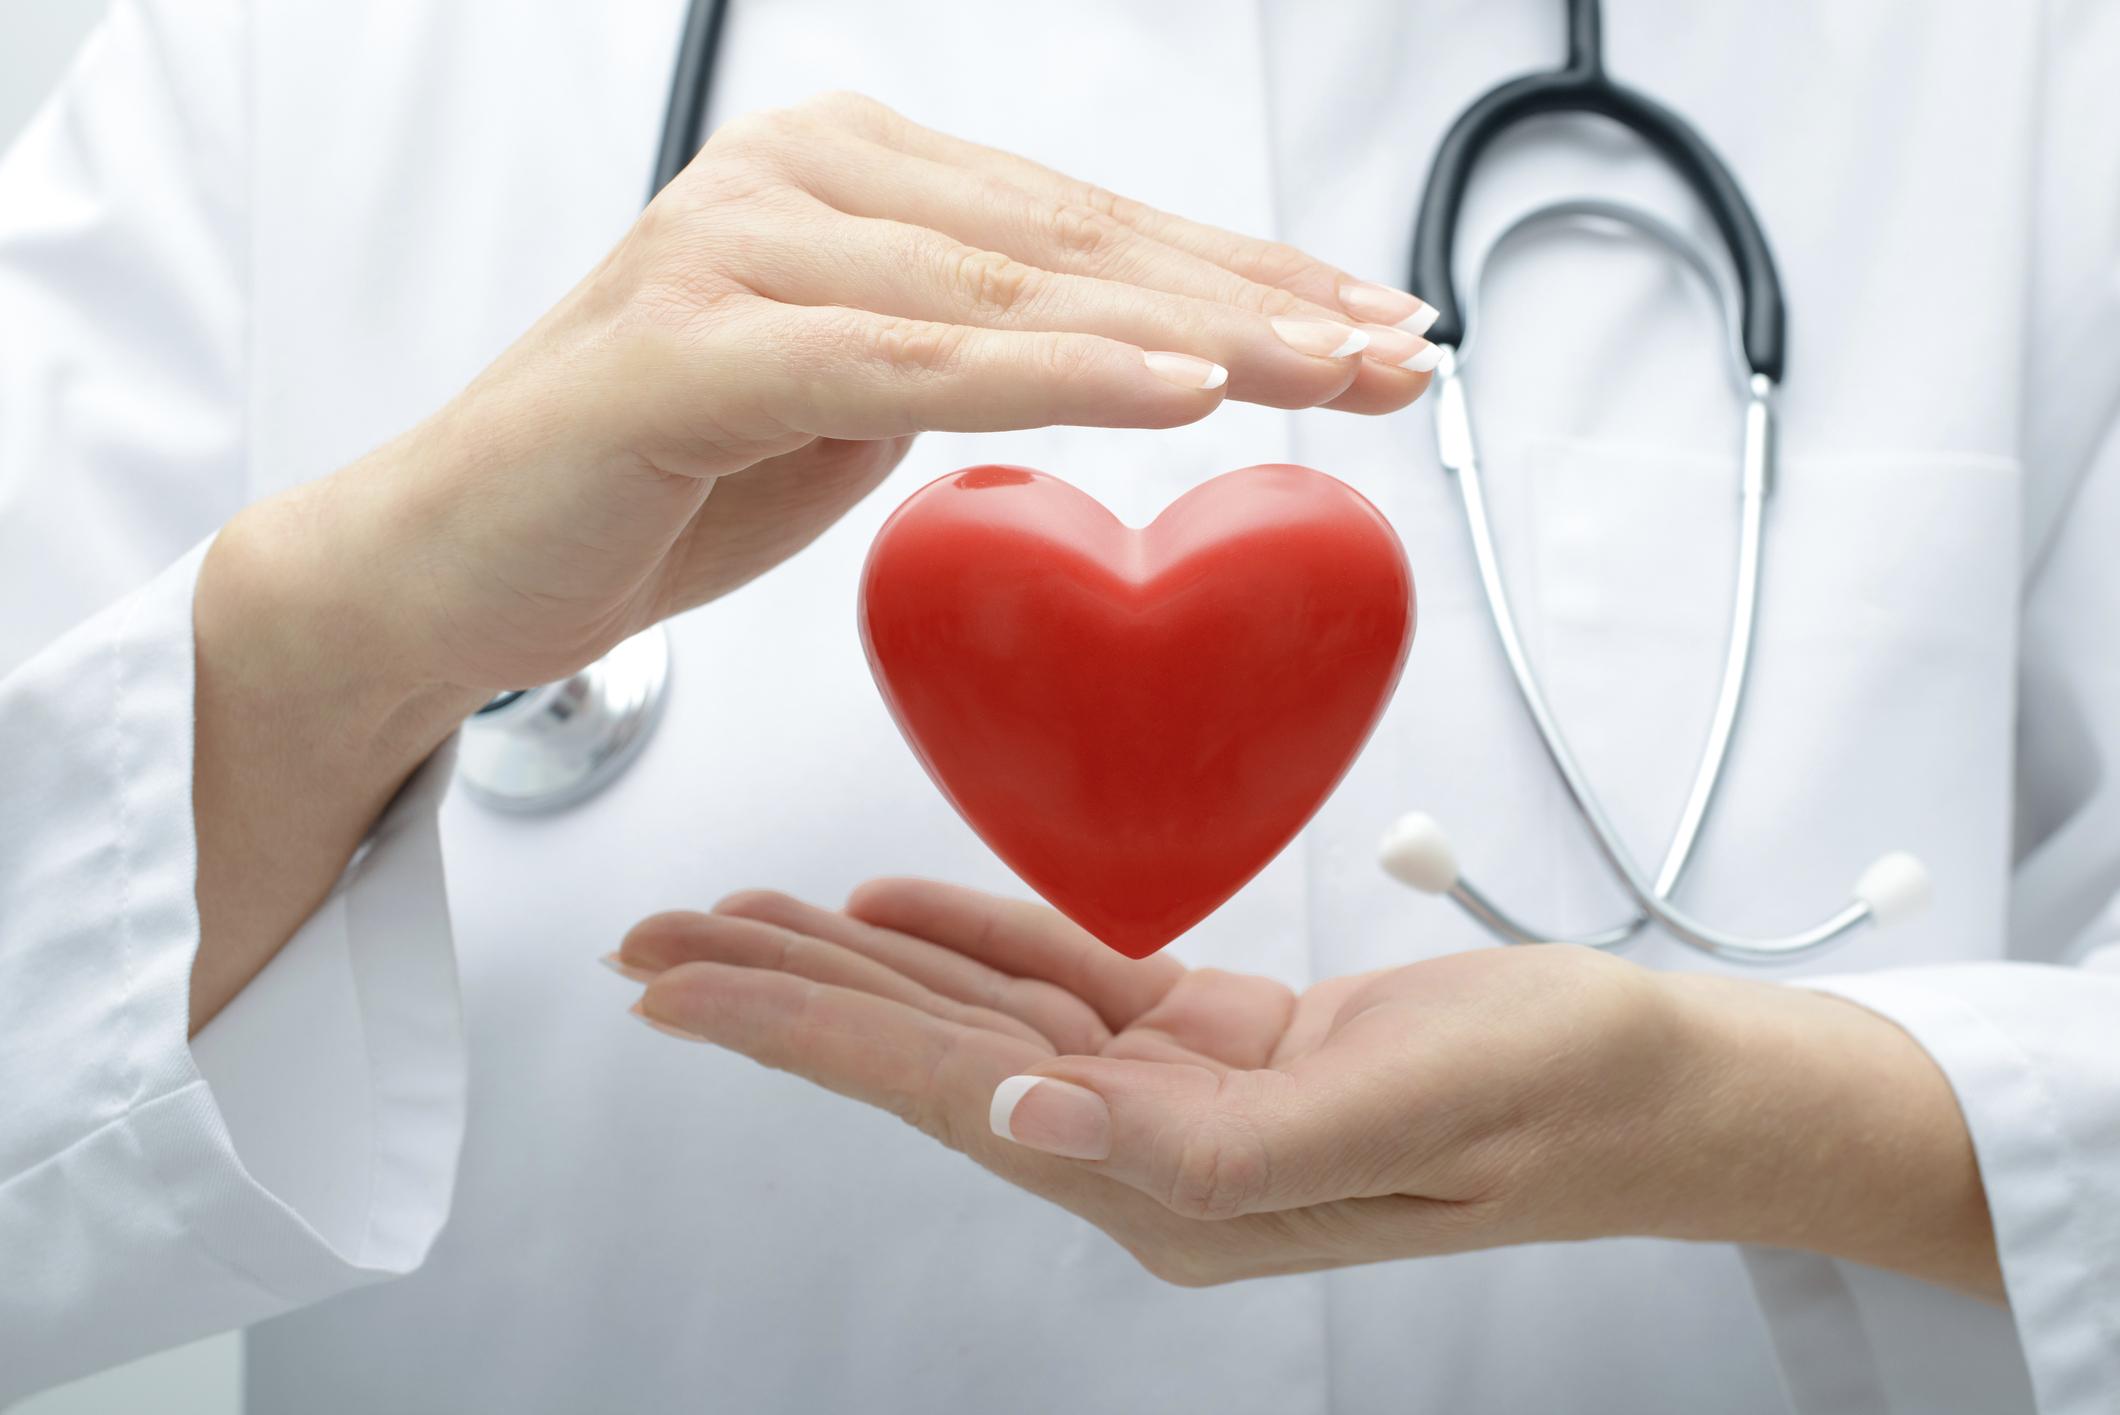 Cao huyết áp là bệnh gì? nguyên nhân và những ai dễ bị cao huyết áp?